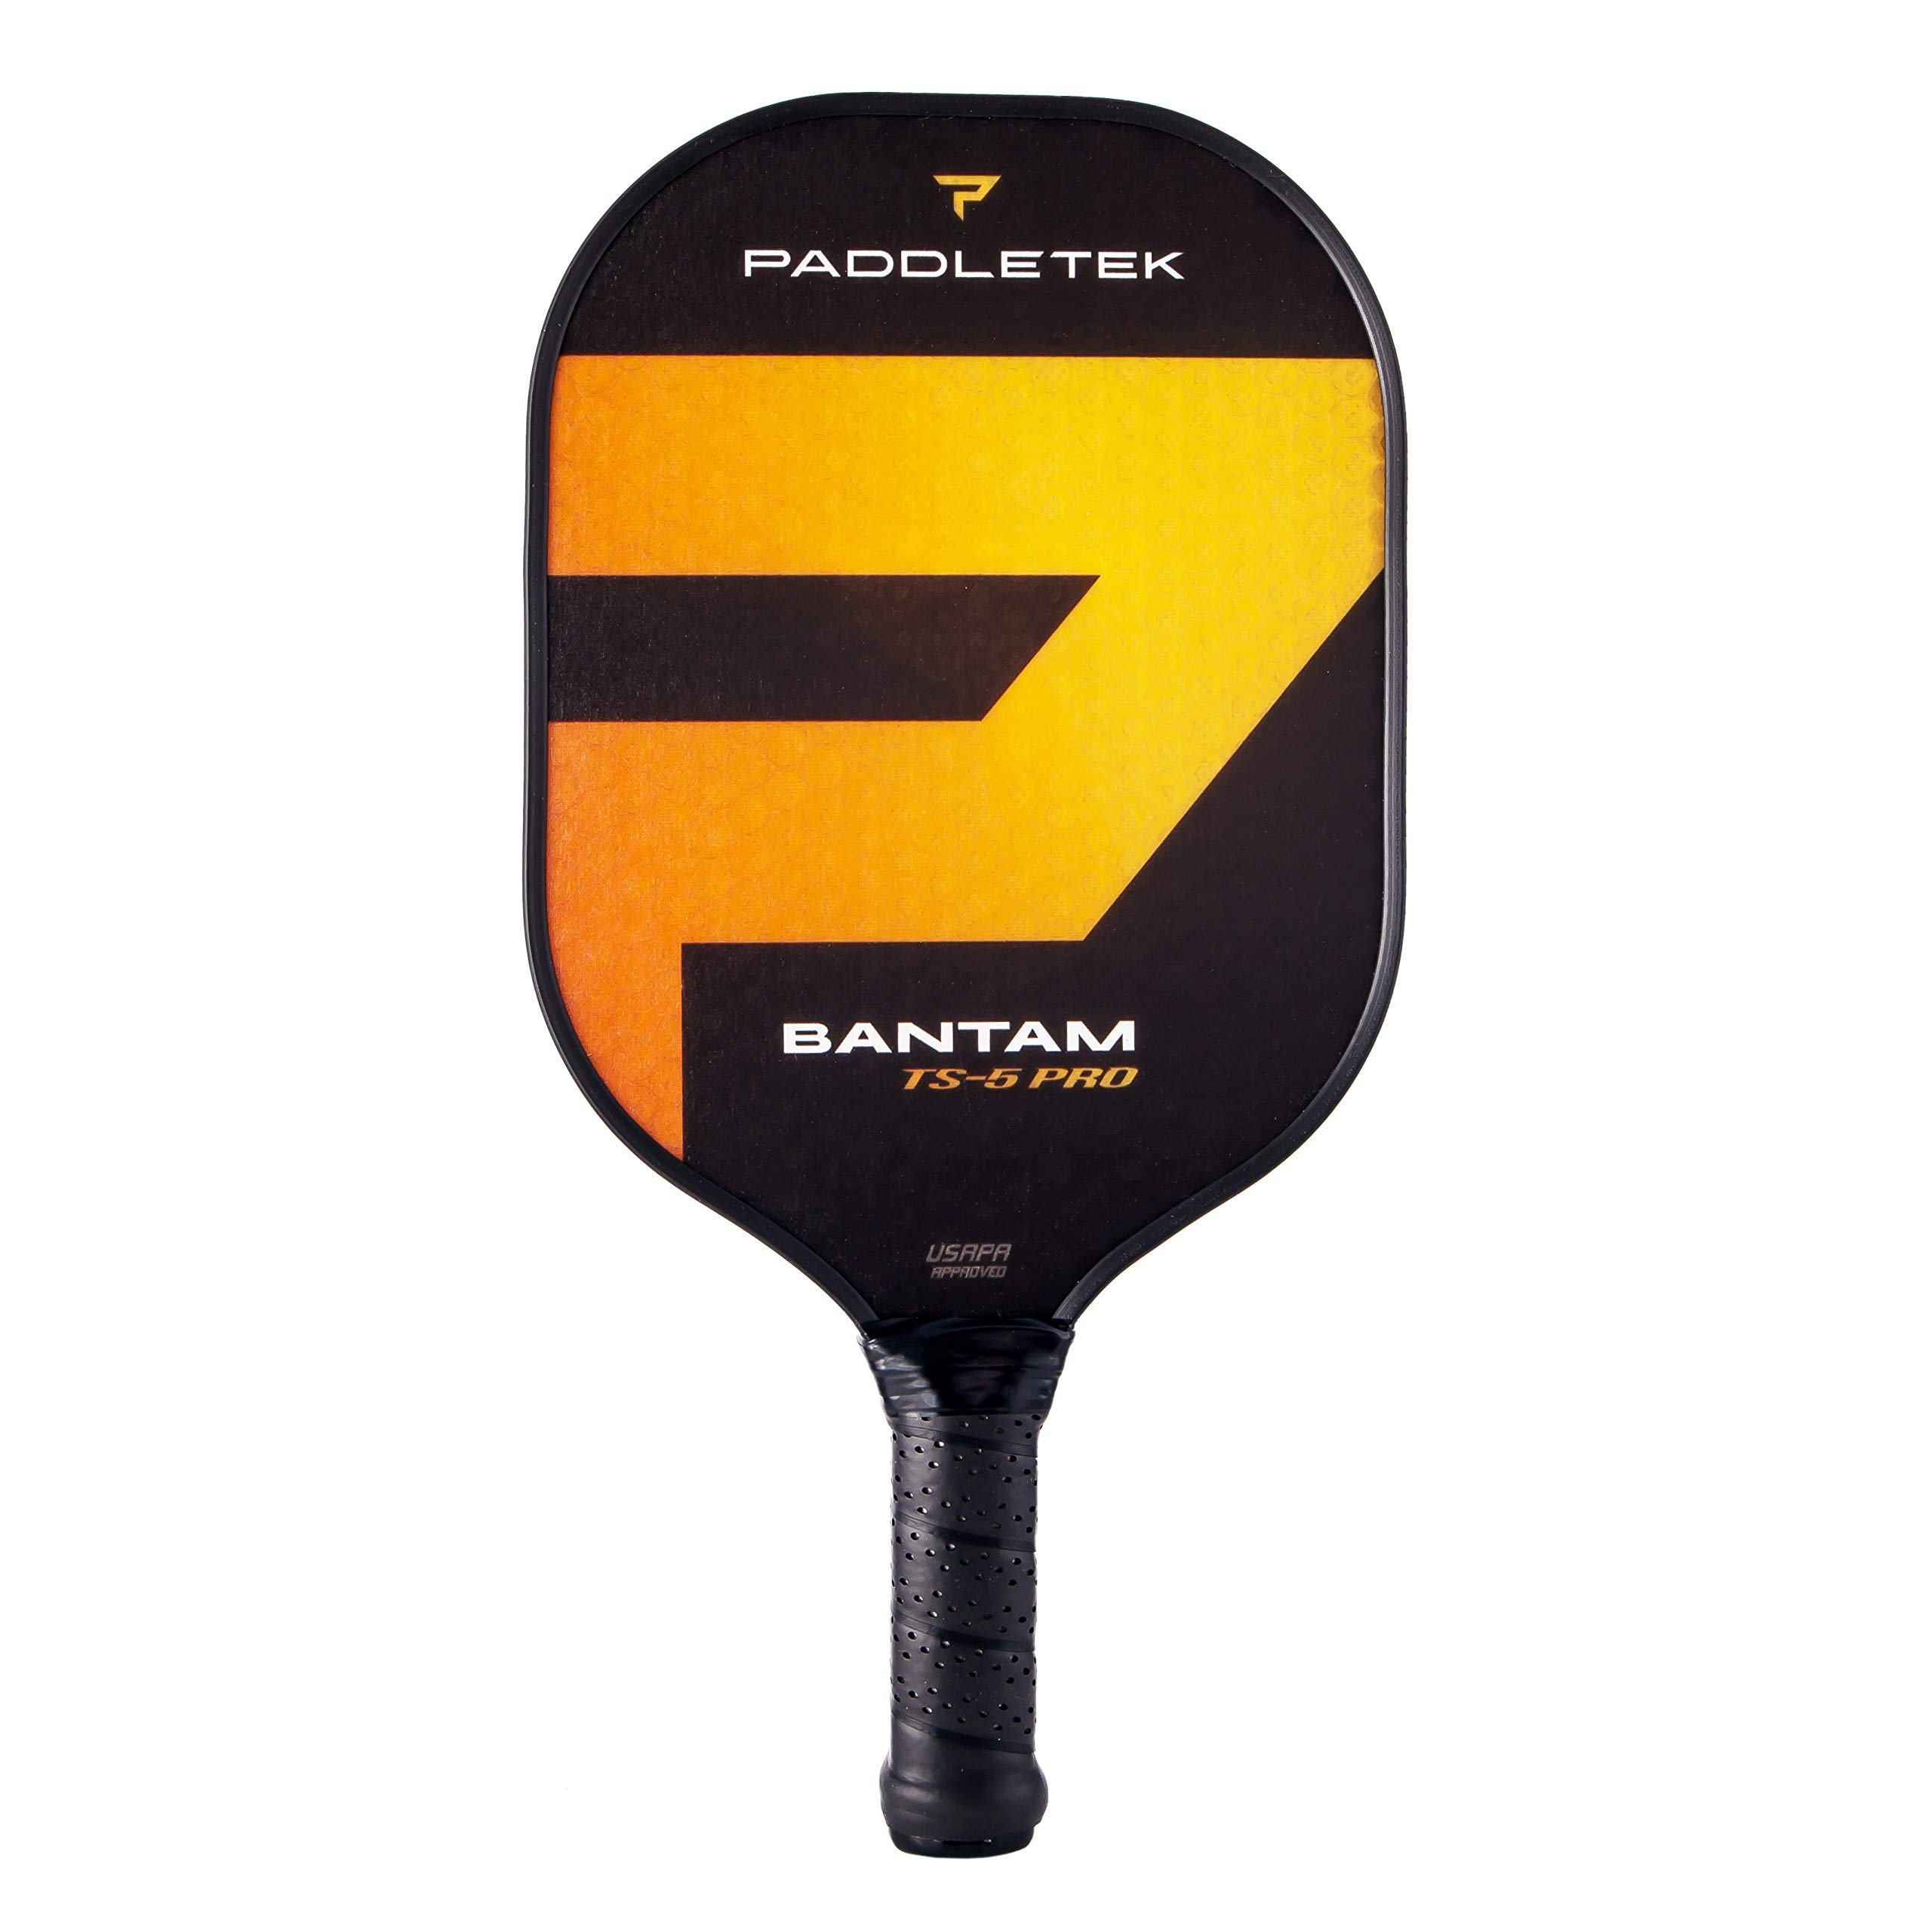 Paddletek Bantam TS-5 Pro Composite Pickleball Paddle -G4L6